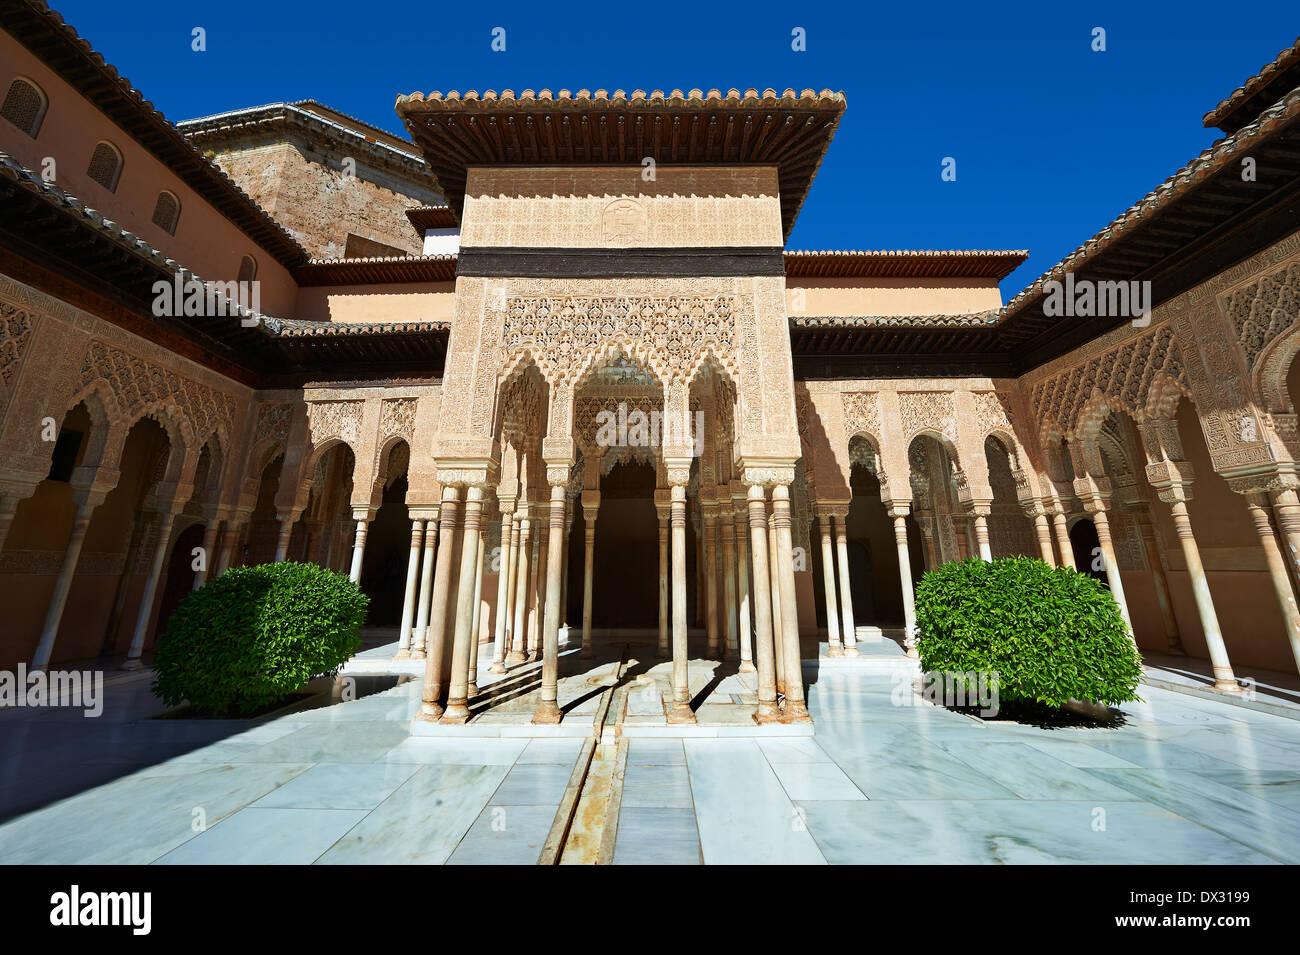 Arabesque maurische Architektur der Patio de los Leones (Hof der Löwen) Palacios Nazaries, Alhambra. Granada, Spanien Stockbild